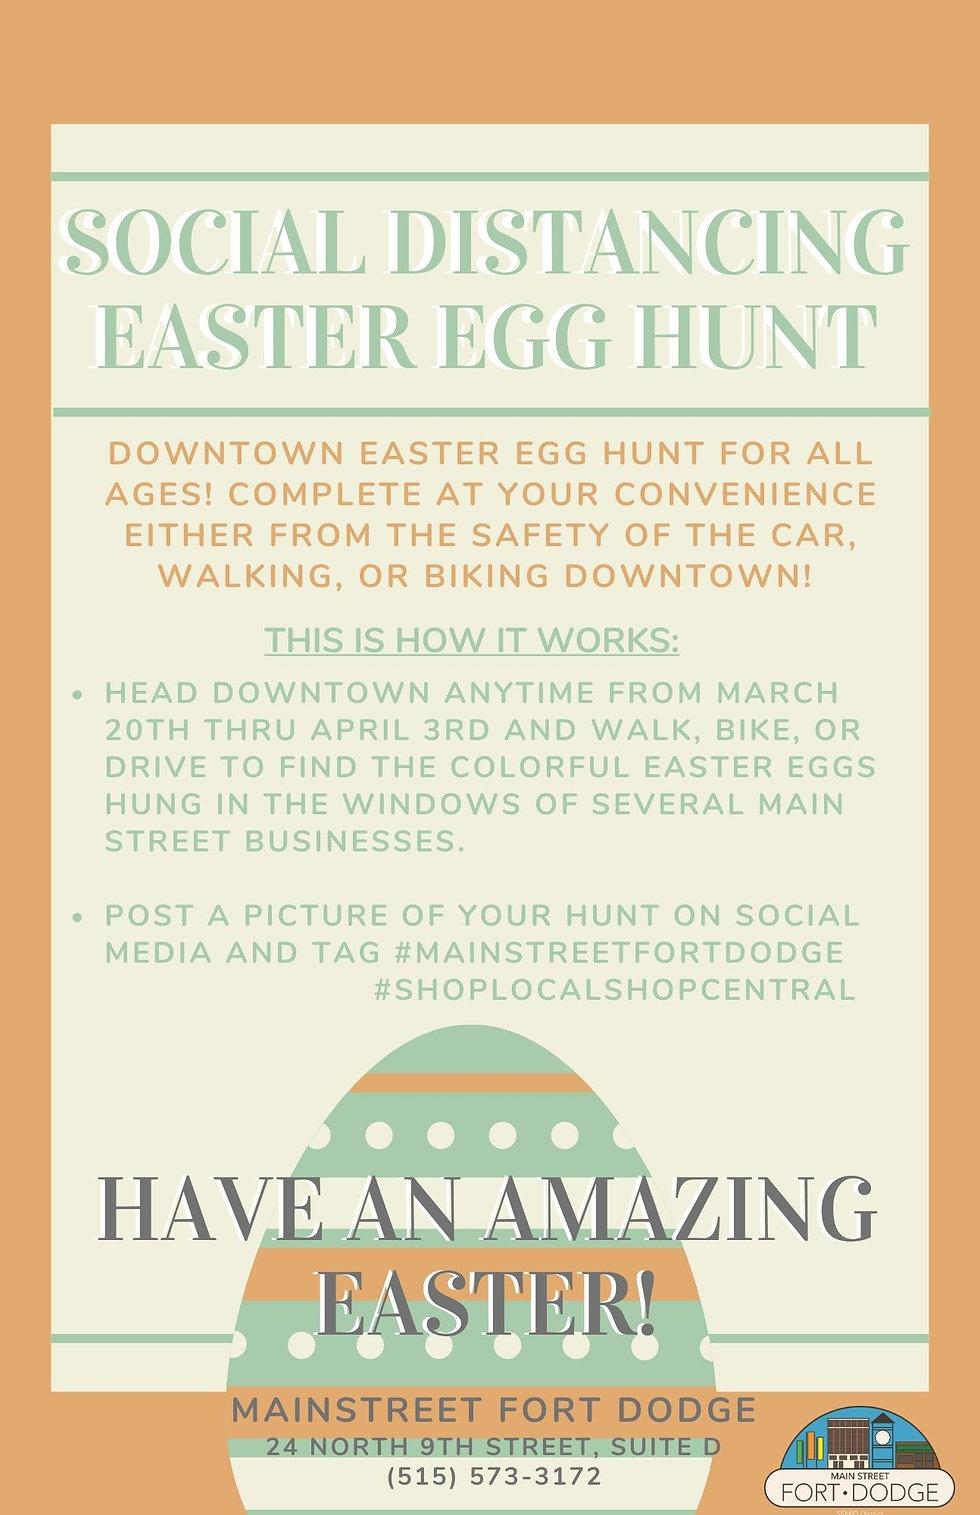 Social Distancing easter egg hunt flyer.